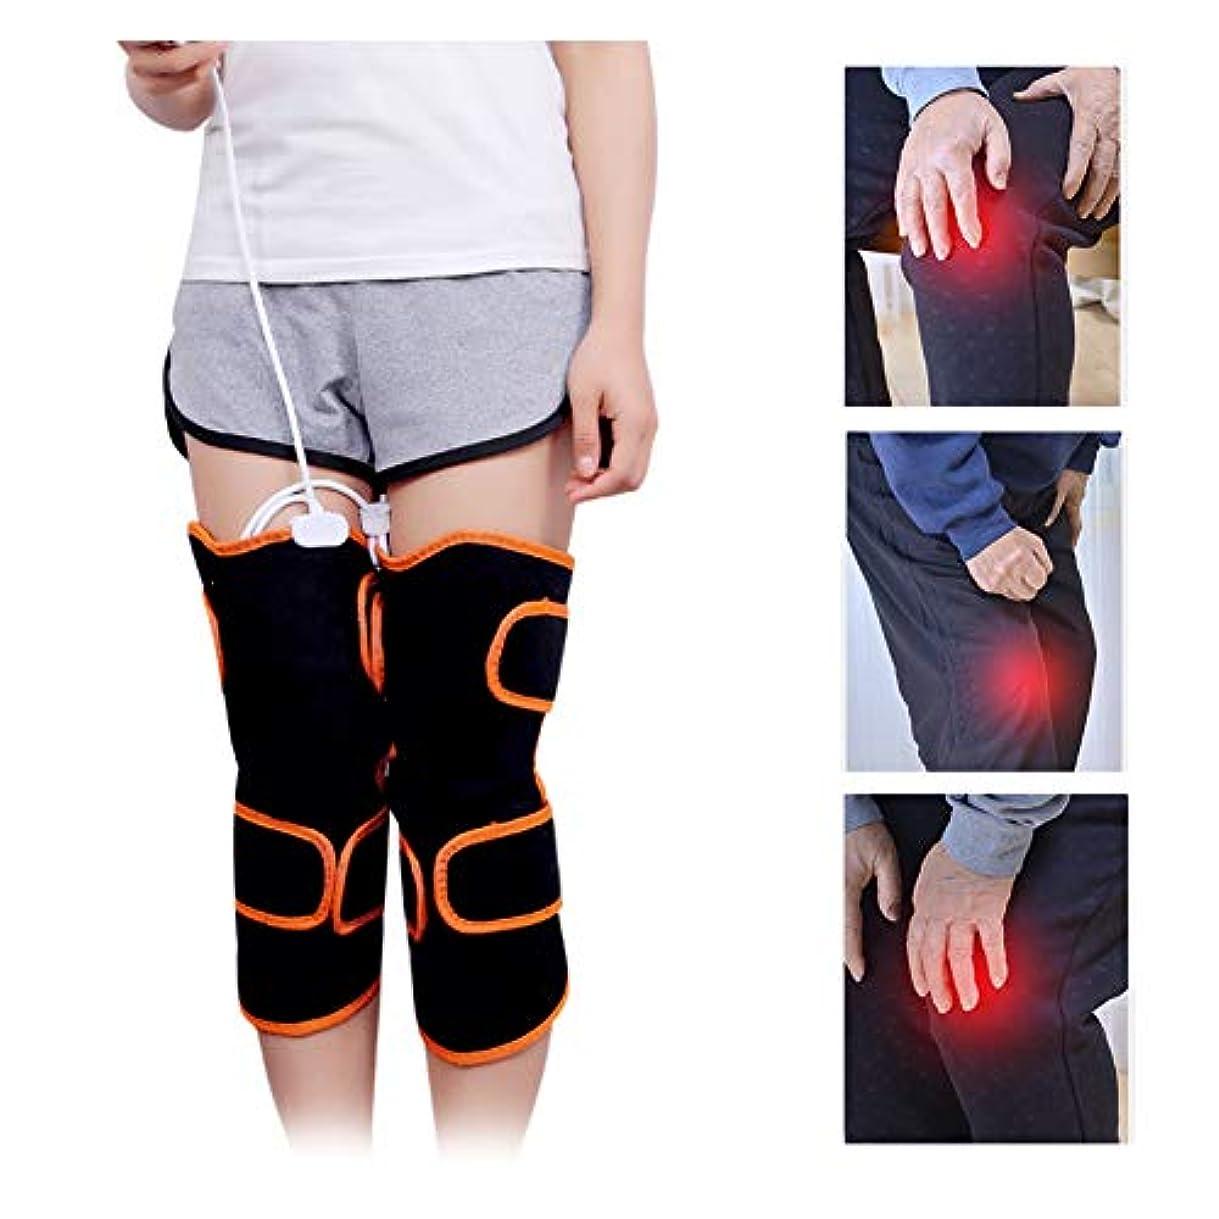 バラエティ乗算みすぼらしい暖房膝ブレースラップサポート - 膝温熱パッド - 9マッサージモードと膝のけが、痛みを軽減するための5つの速度で治療マッサージャー